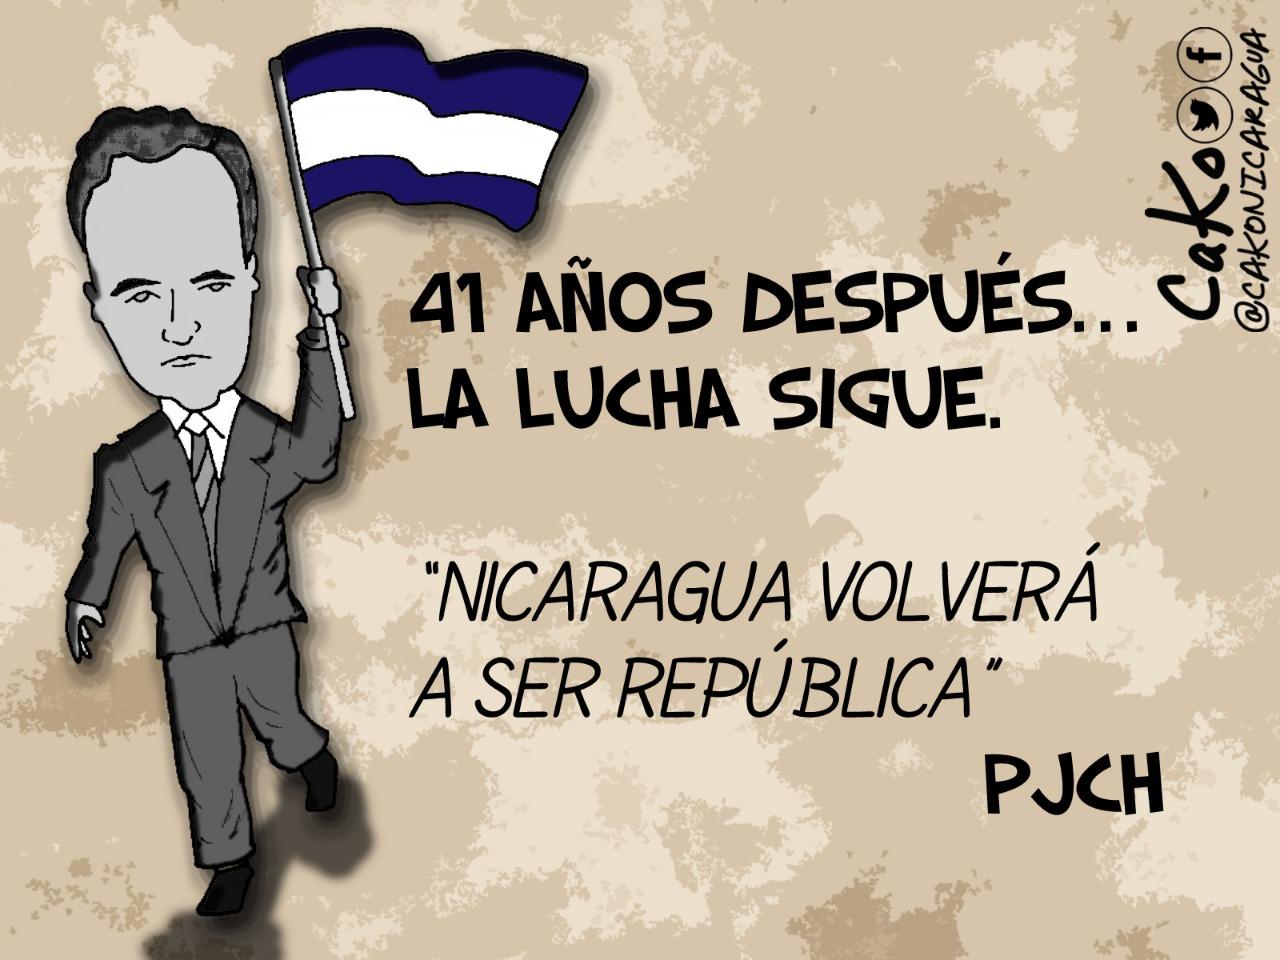 La lucha sigue en Nicaragua. CaKo/Artículo66